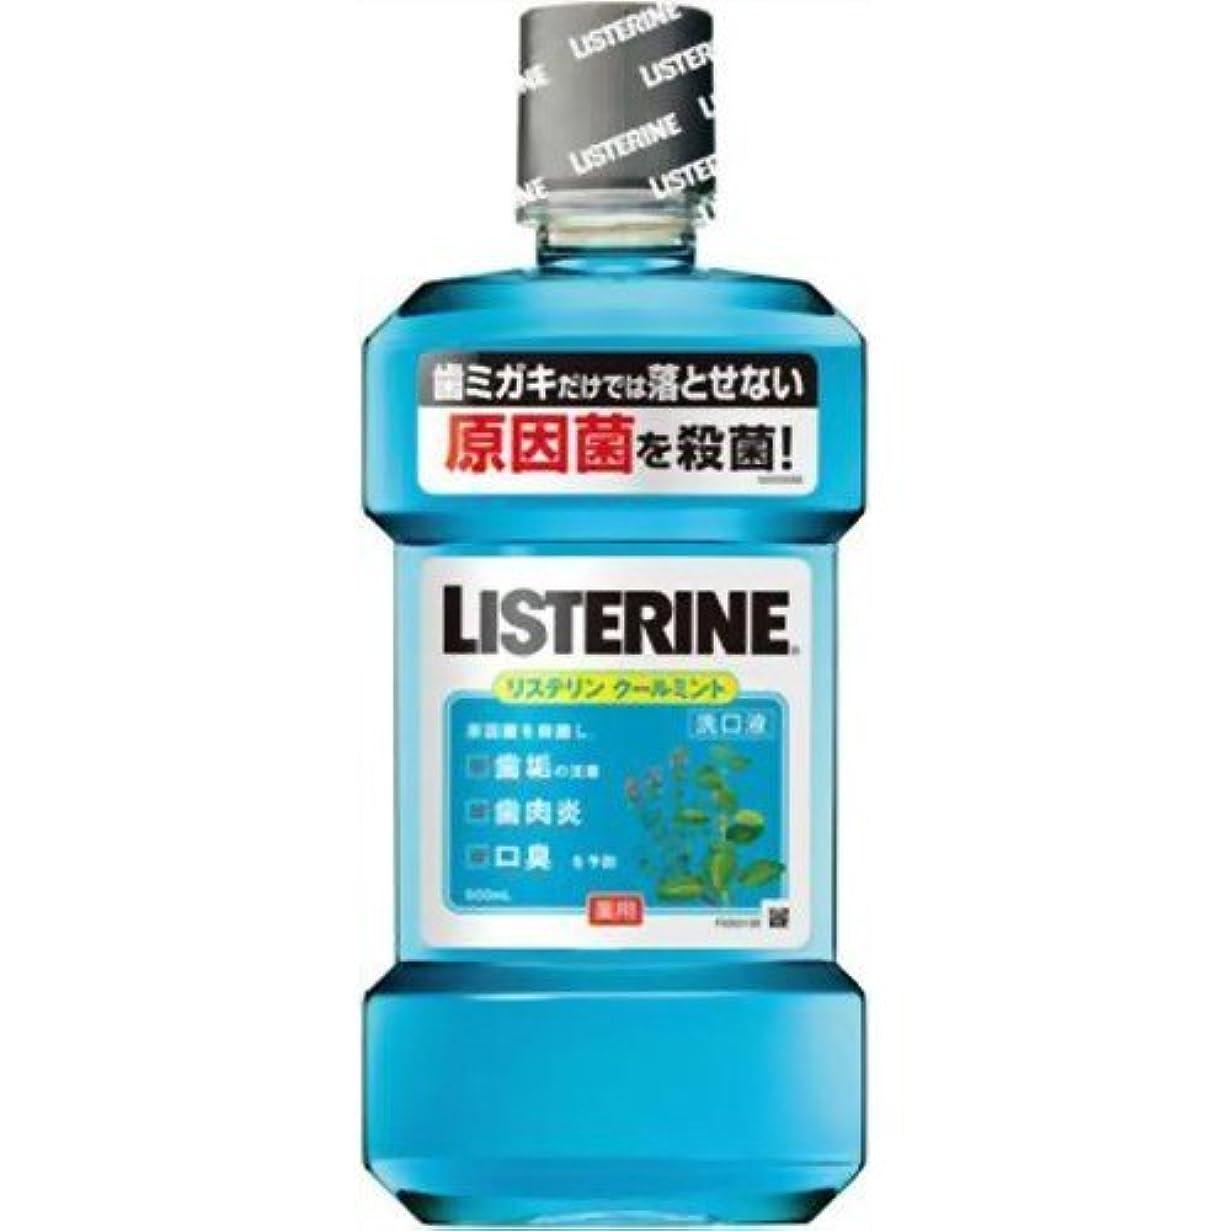 実施する肥料マージ薬用リステリン クールミント 500ml ×3個セット